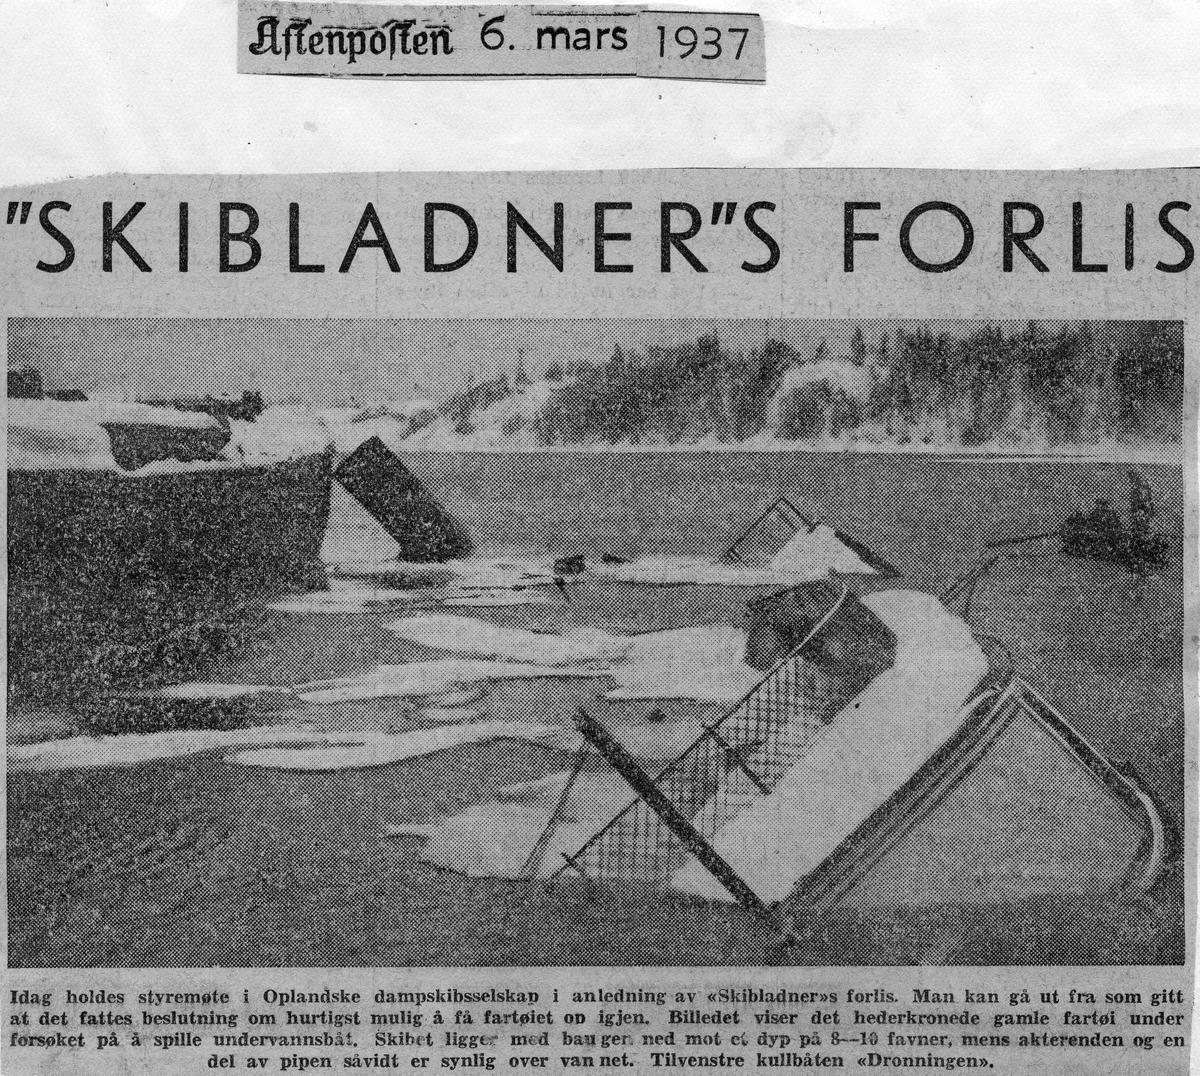 Skibladners forlis. Avisoppslag fra 6. mars 1937.